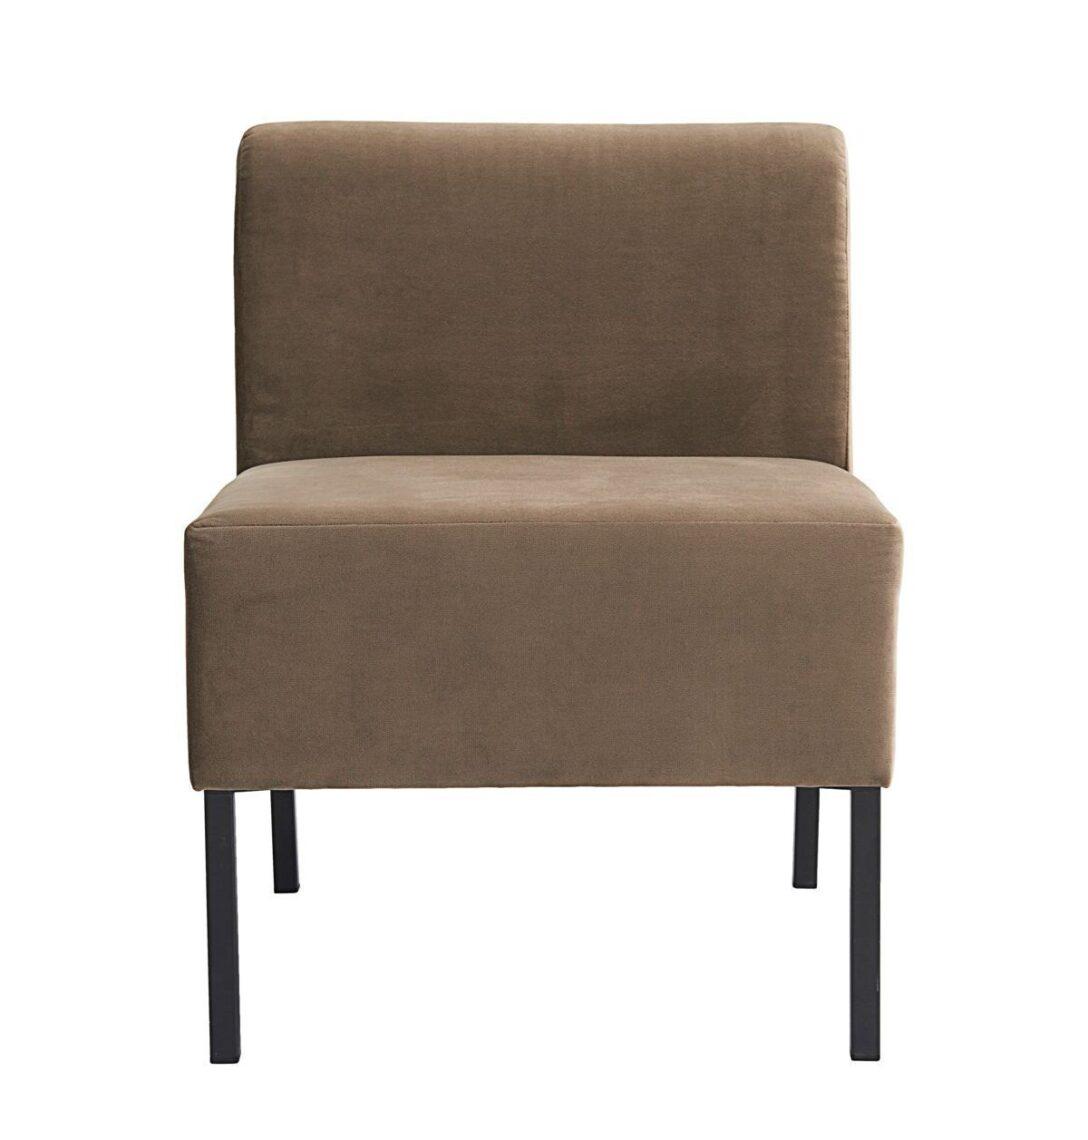 Large Size of Esszimmer Couch Ikea Grau Sofa 3 Sitzer Sofabank Samt Vintage Kchensofa L Form Tom Tailor Vitra 2er Lagerverkauf Arten Mit Verstellbarer Sitztiefe Xxxl Sofa Esszimmer Sofa